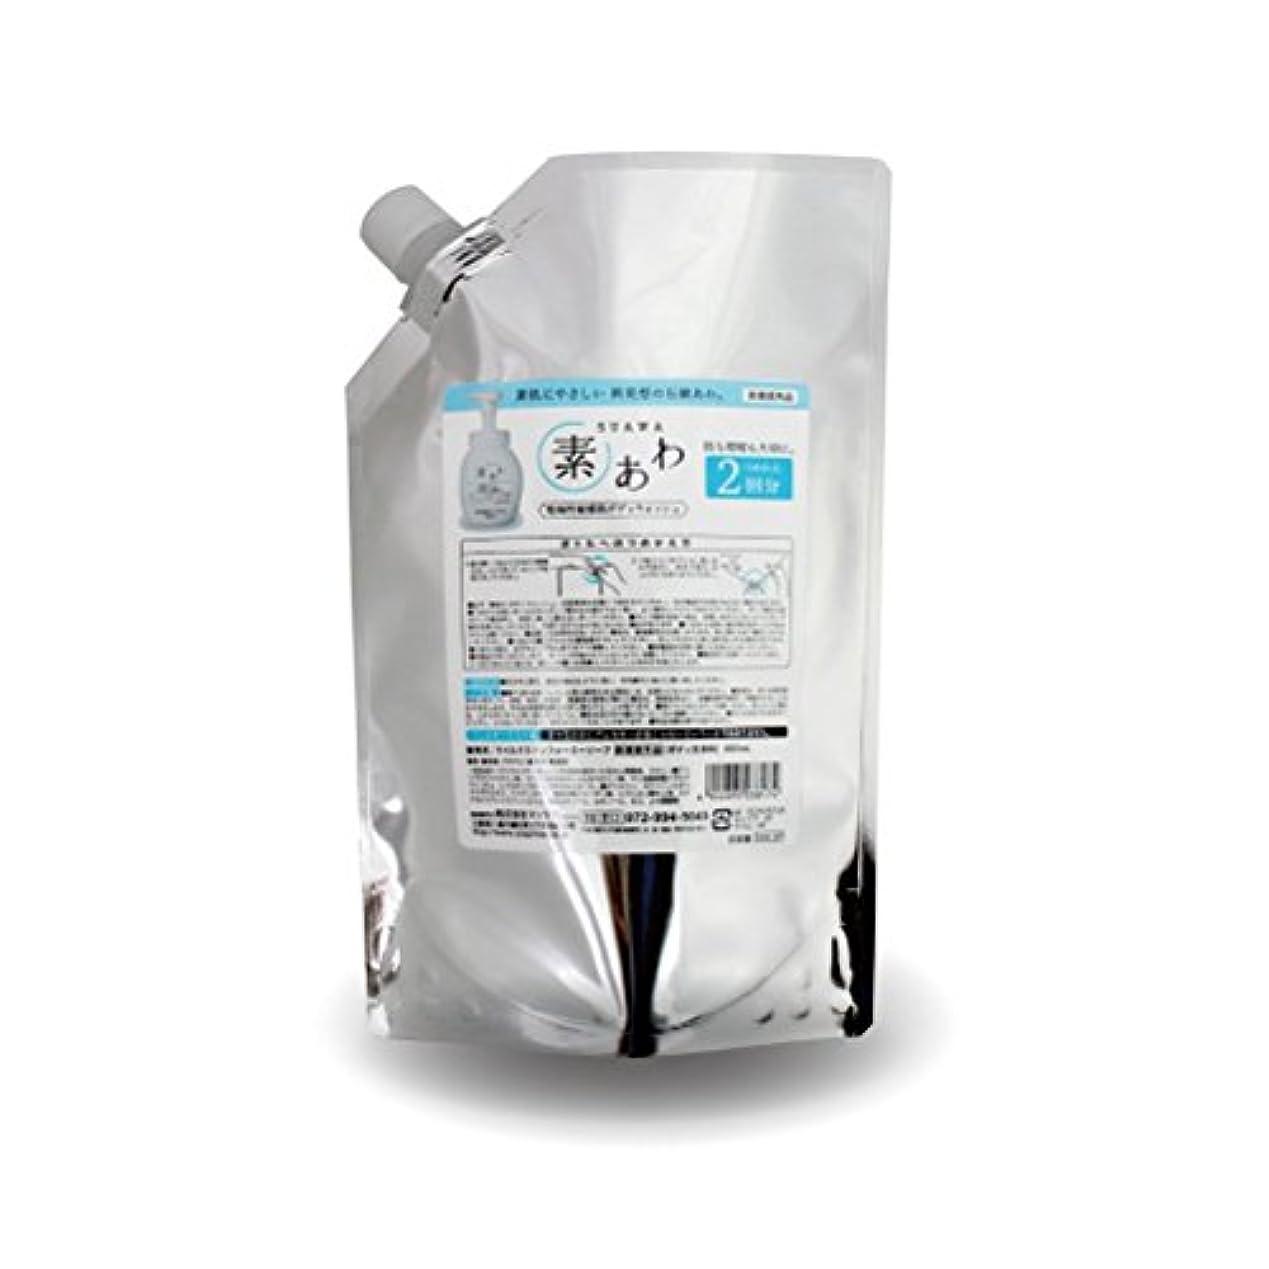 関与する香ばしい大事にする薬用 素あわ 泡タイプ ボディソープ 詰替2回分パウチ 800mL 乾 燥 肌 ? 敏 感 肌 に